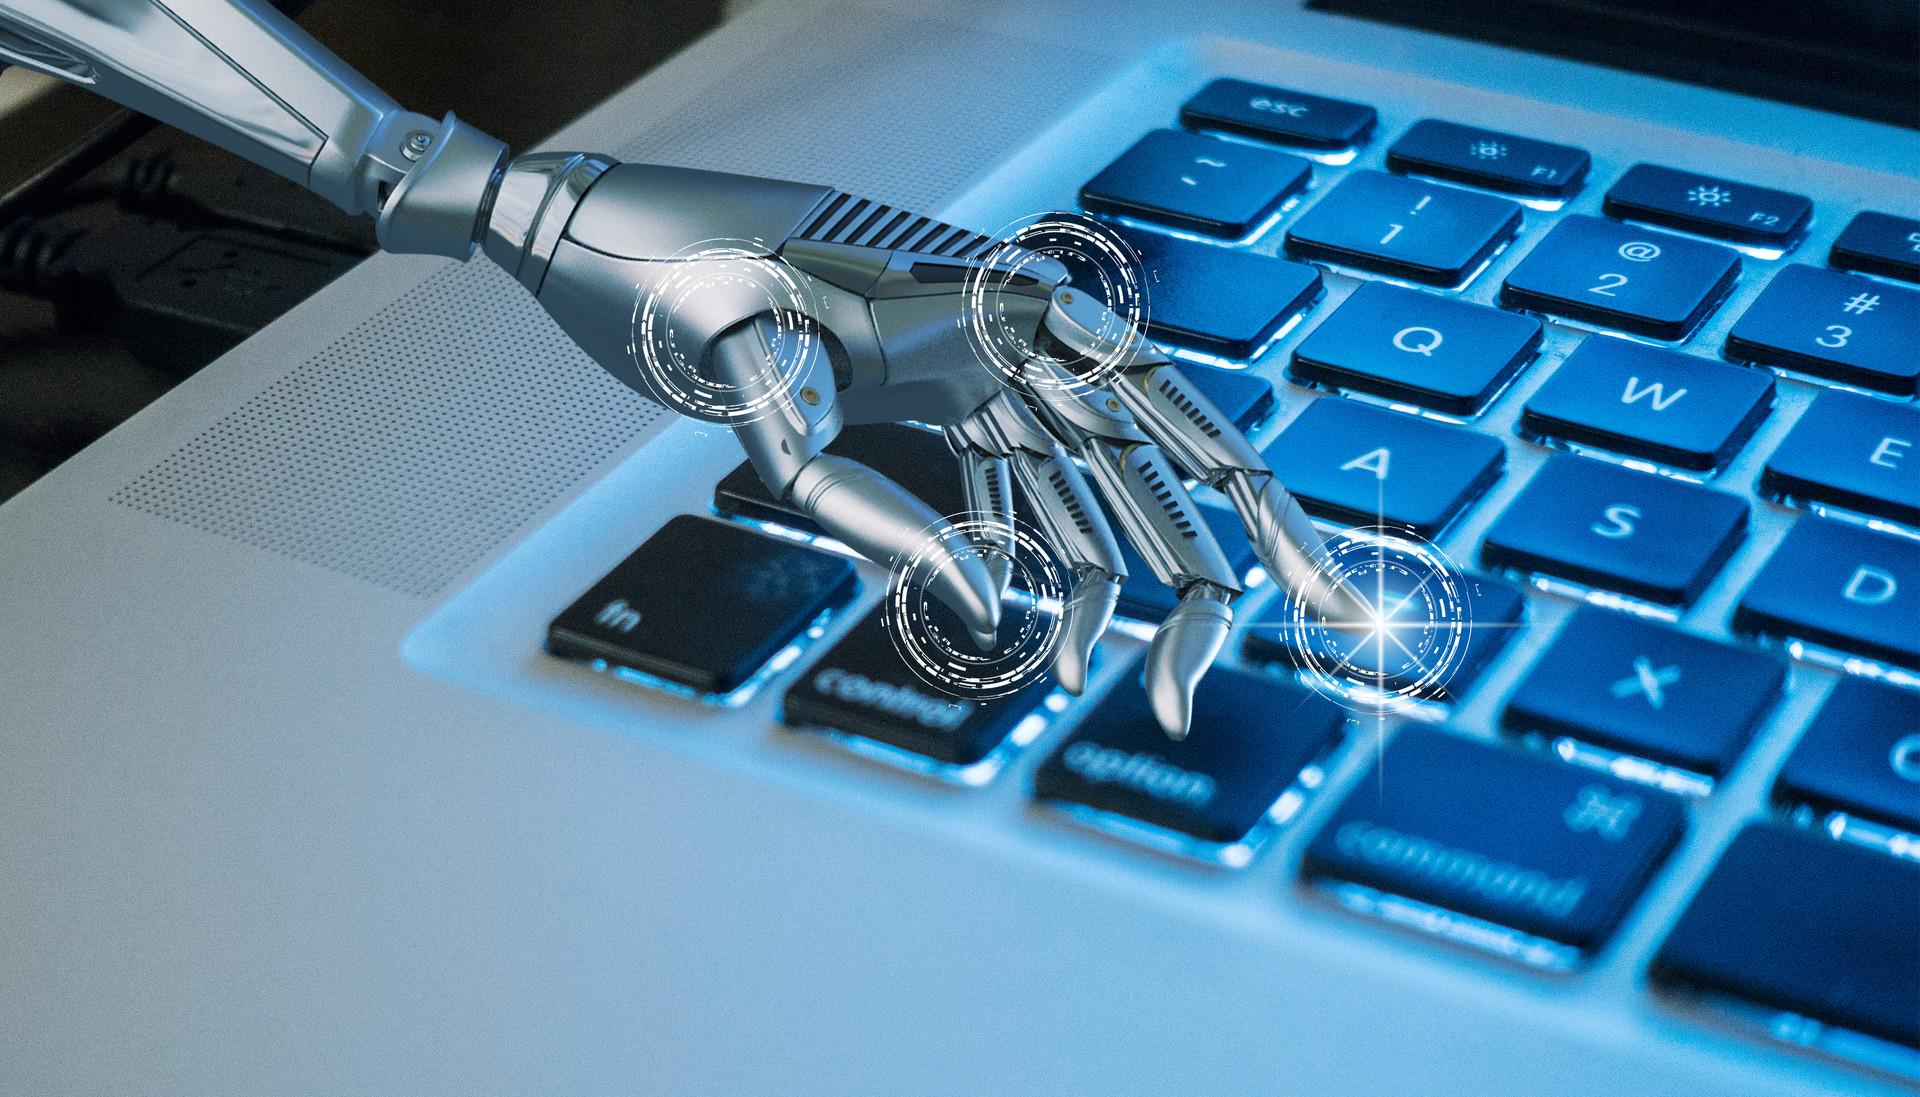 印尼拟用AI取代大量公务员岗位